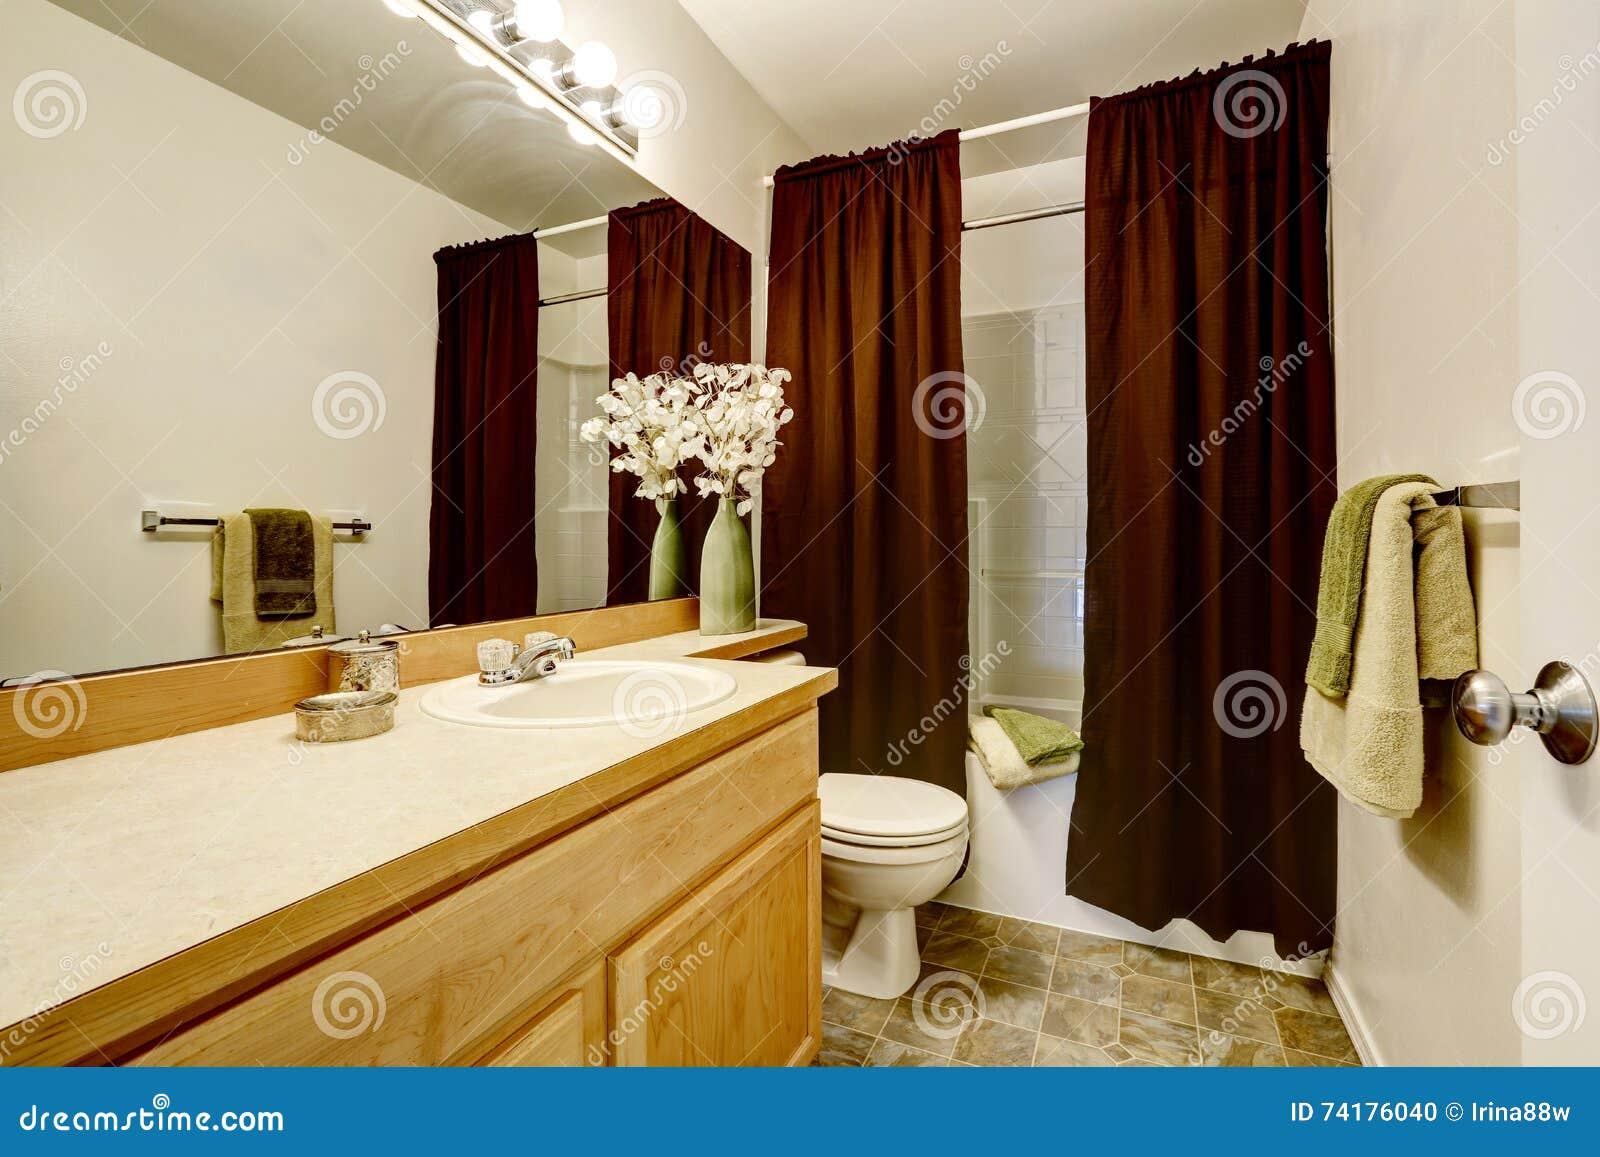 Neuer Hauptbadezimmerinnenraum Mit Dusch- Und Badkombination ...